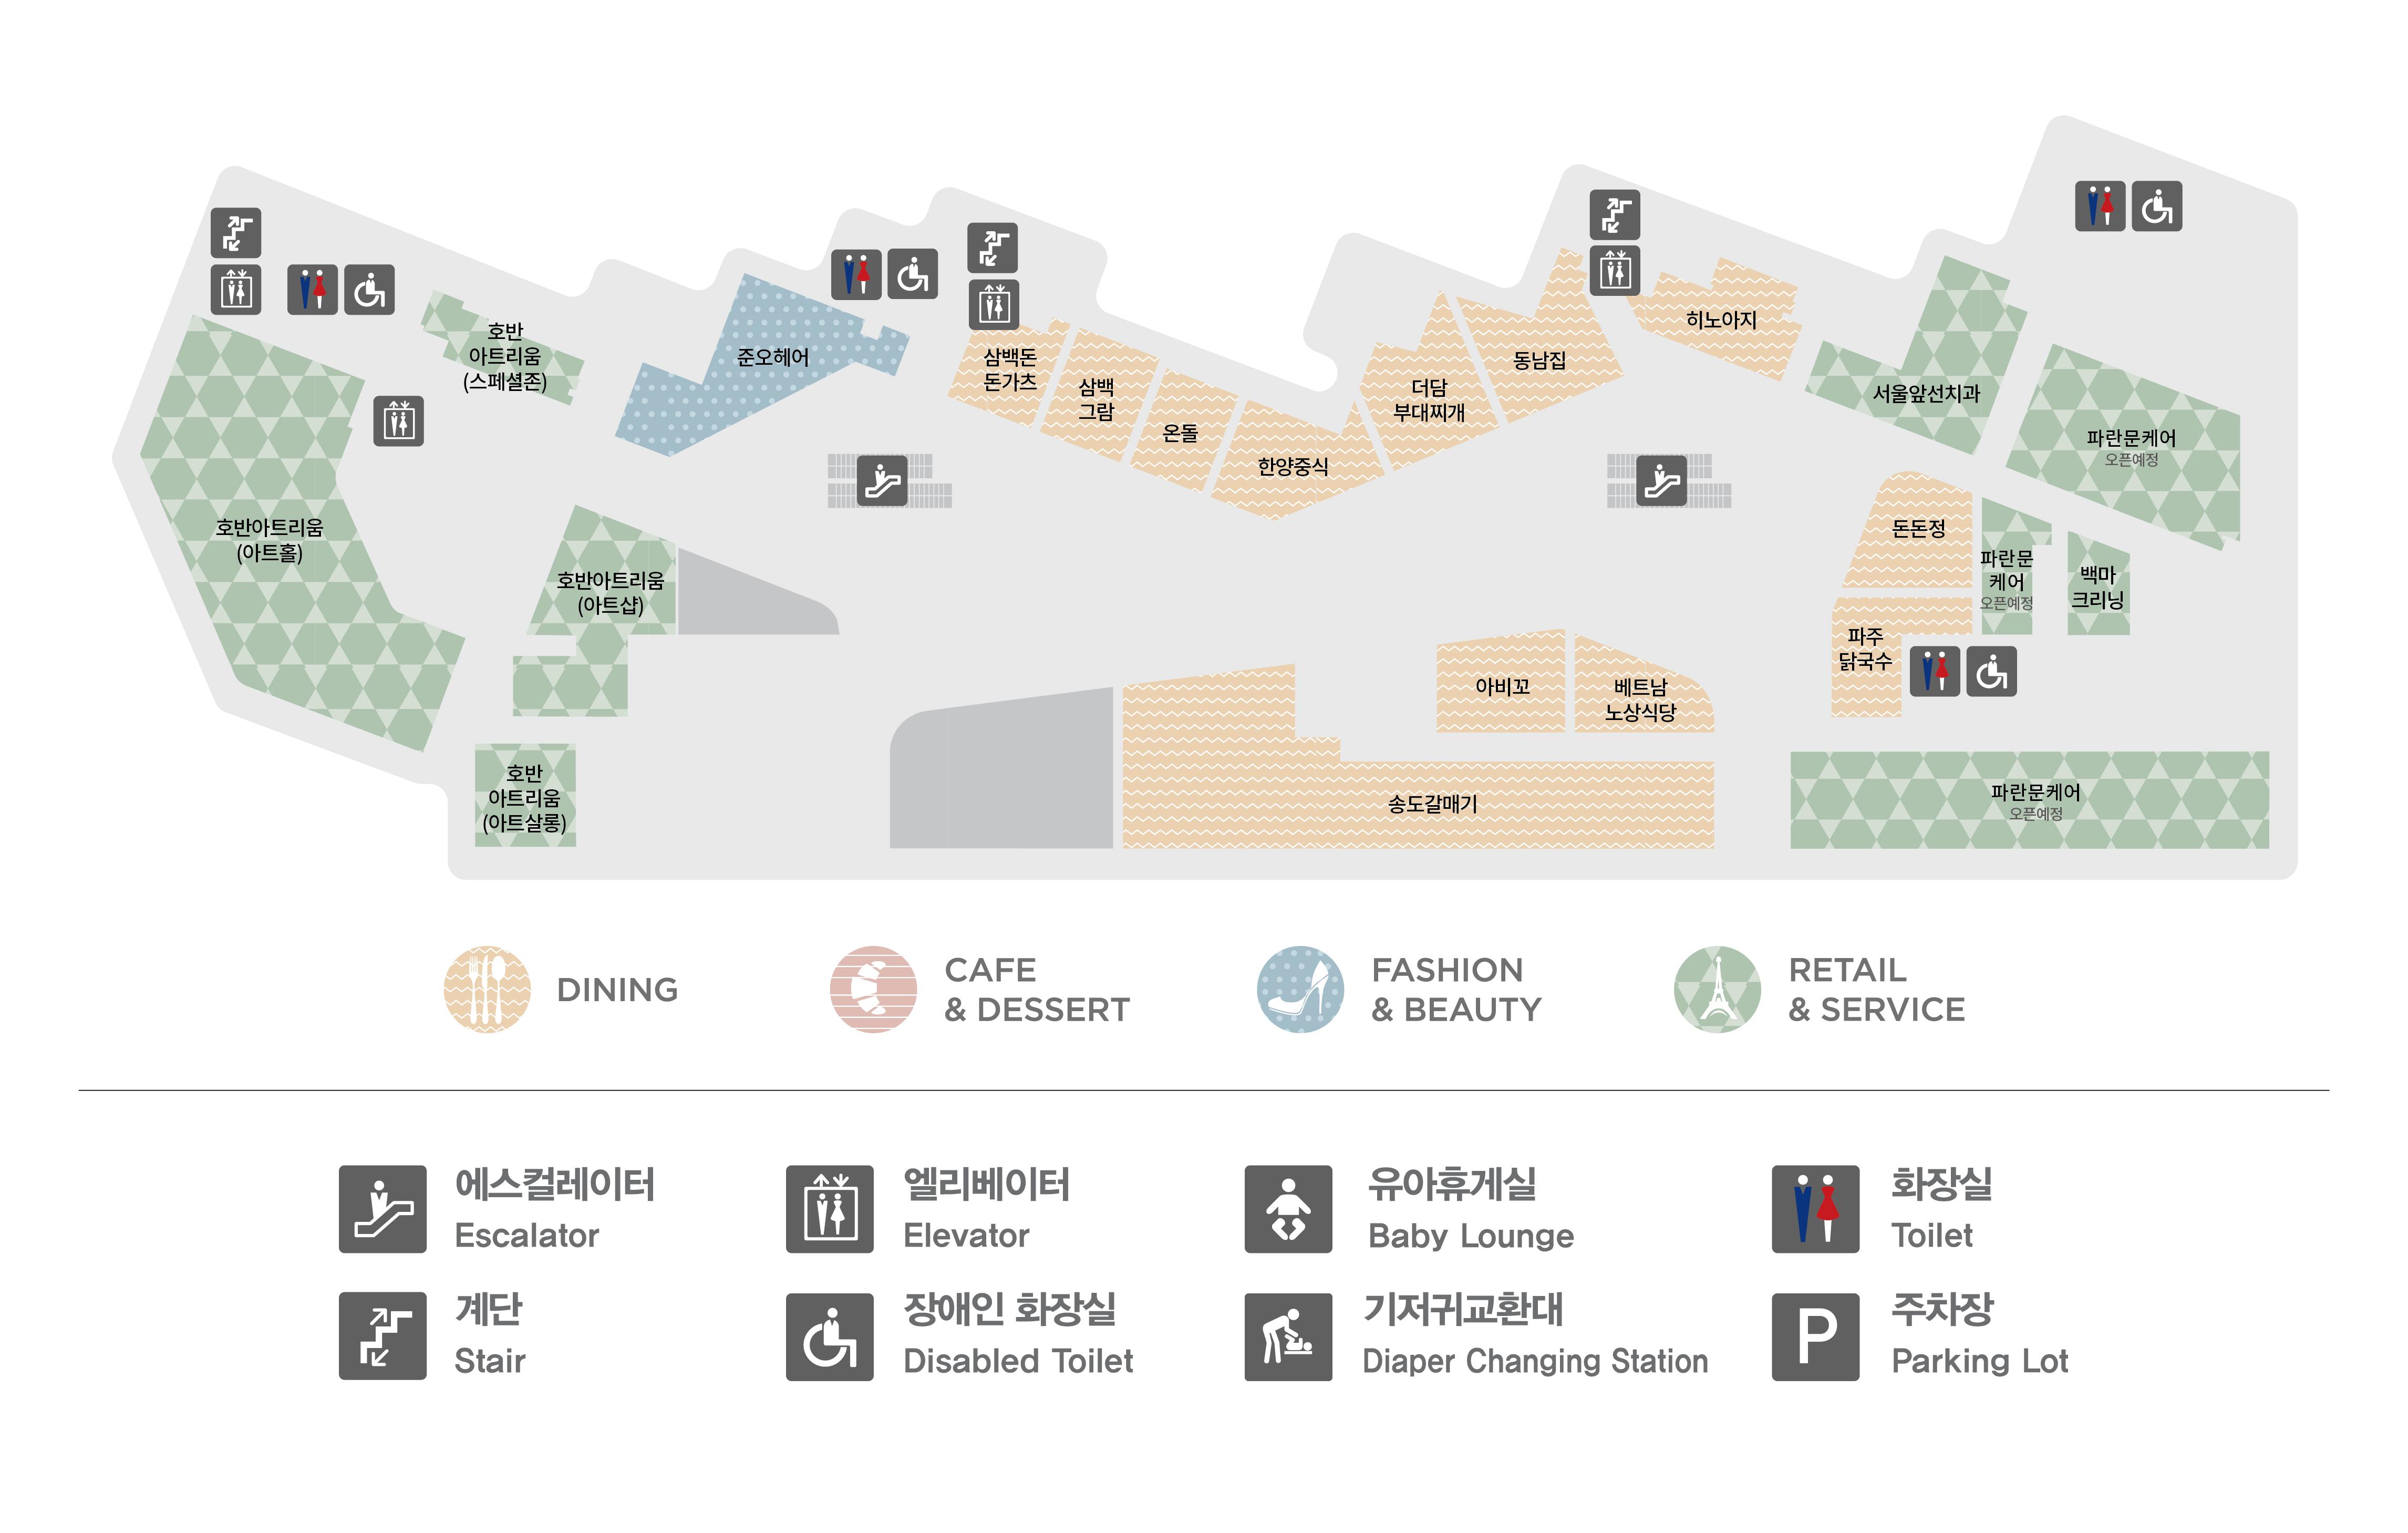 광명점 2층 매장 지도입니다. 2층에는 호반 아트리움(아트홀, 리테일&서비스), 호반 아트리움(스페셜존, 리테일&서비스), 호반 아트리움(아트샵, 리테일&서비스), 호반 아트리움(아트살롱, 리테일&서비스), 준오헤어(패션&뷰티), 삼백돈 돈가츠(다이닝), 삼백그람(다이닝), 온돌(다이닝), 한양중식(다이닝), 더담부대찌개(다이닝), 동남집(다이닝), 히노아지(다이닝), 서울앞선치과(리테일&다이닝), 백마 크리닝(리테일&서비스), 돈돈정(다이닝), 파란문 케어(오픈예정, 리테일&서비스),파주 닭국수(다이닝), 베트남 노상식당(다이닝), 아비꼬(다이닝), 송도갈매기(다이닝), 파란문케어(오픈예정, 리테일&서비스) 총 20개 매장이 입점해있습니다. 또한 화장실 총 4개, 에스컬레이터, 엘레베이터, 비상계단이 있습니다.